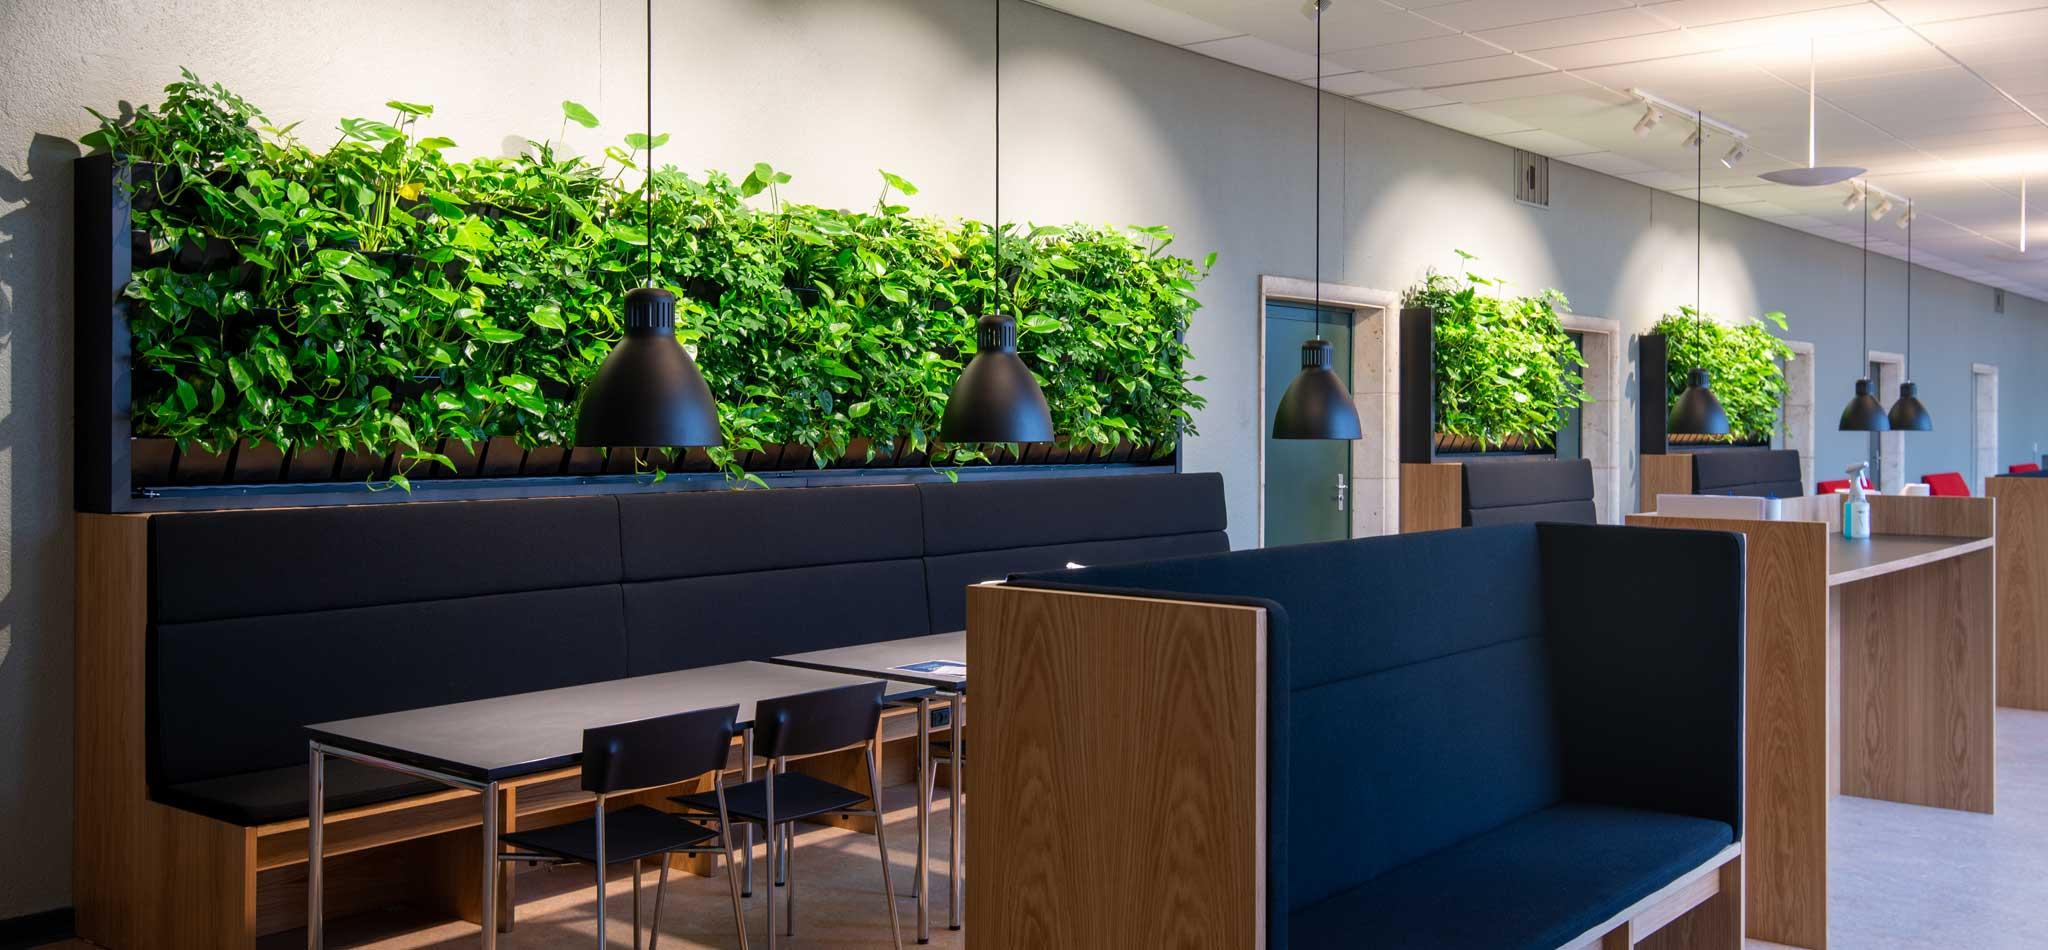 plantevægge, borde, stole, hyggeligt miljø,